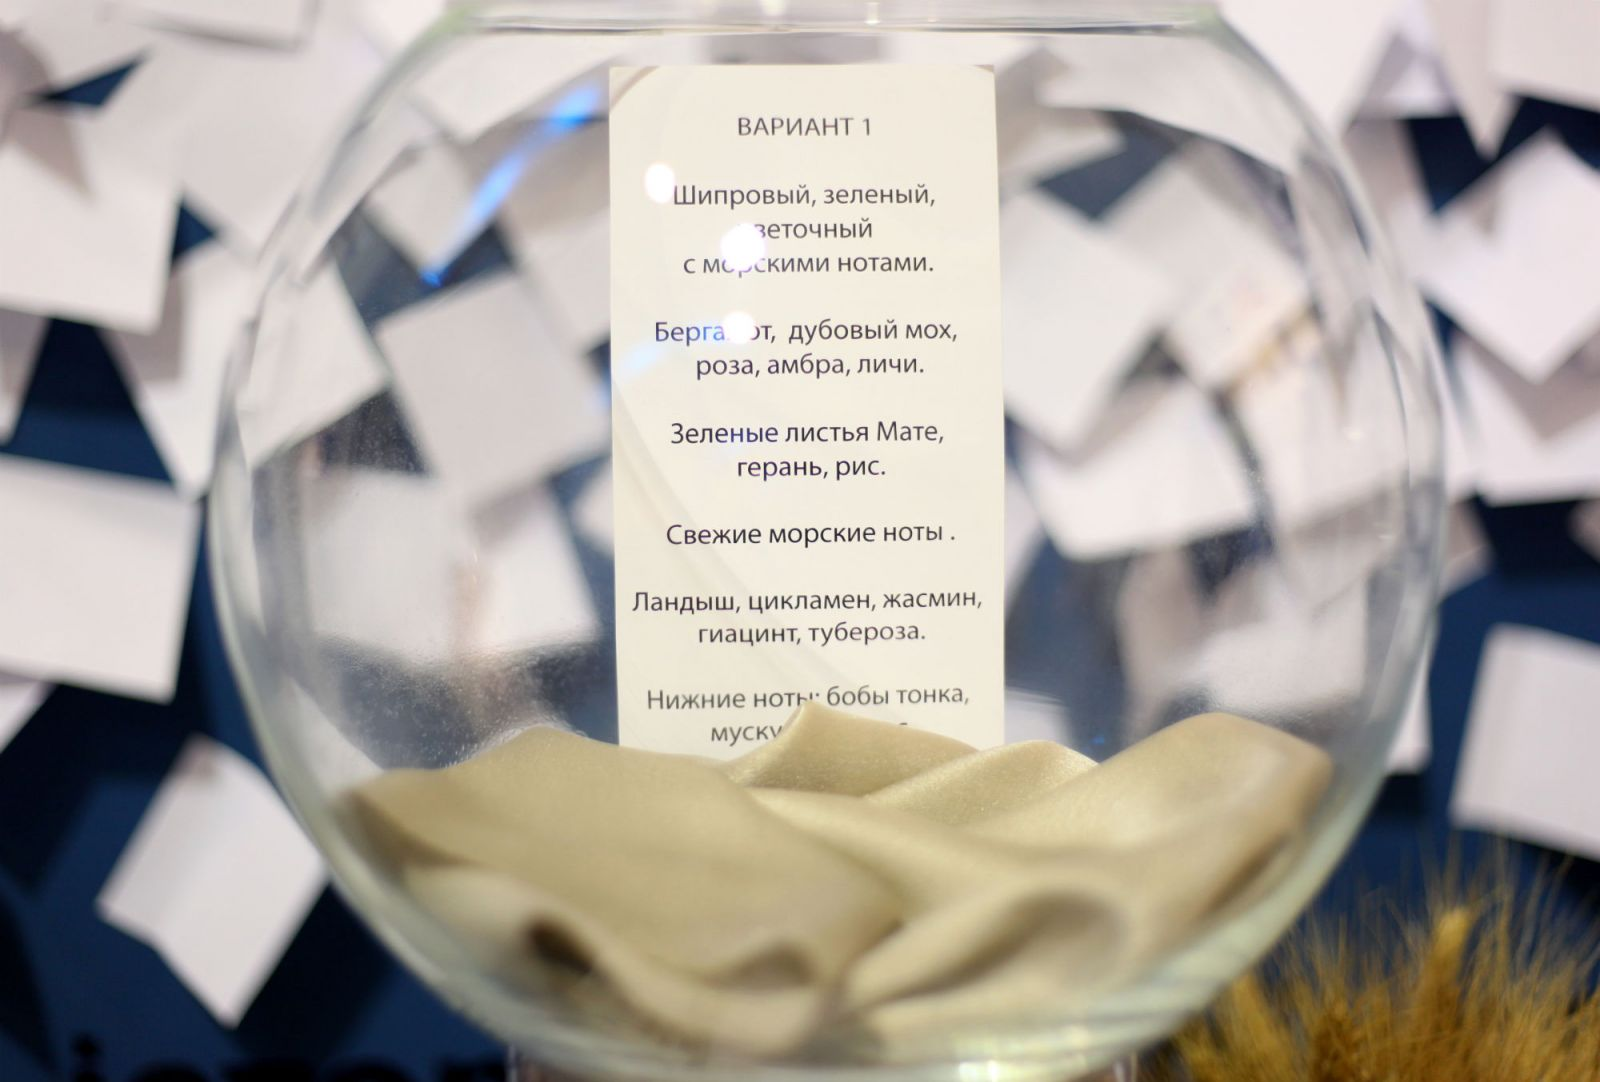 Как будет пахнуть парфюм Украина - фото №3